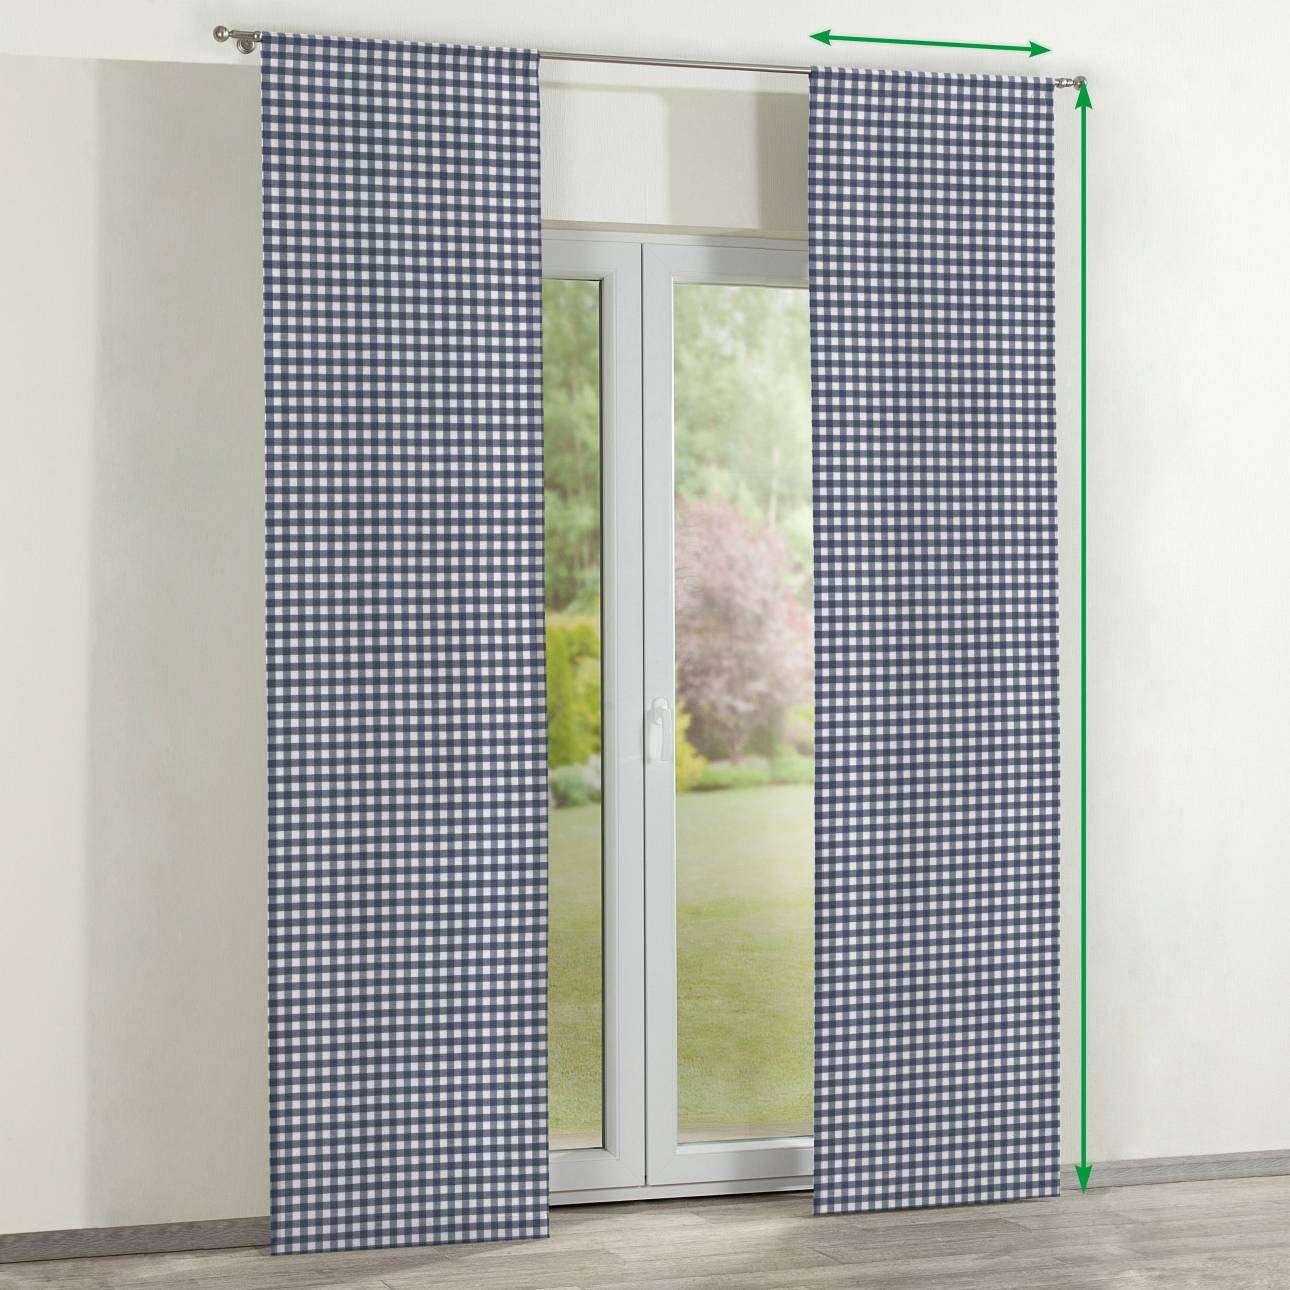 Zasłony panelowe 2 szt. w kolekcji Quadro, tkanina: 136-01